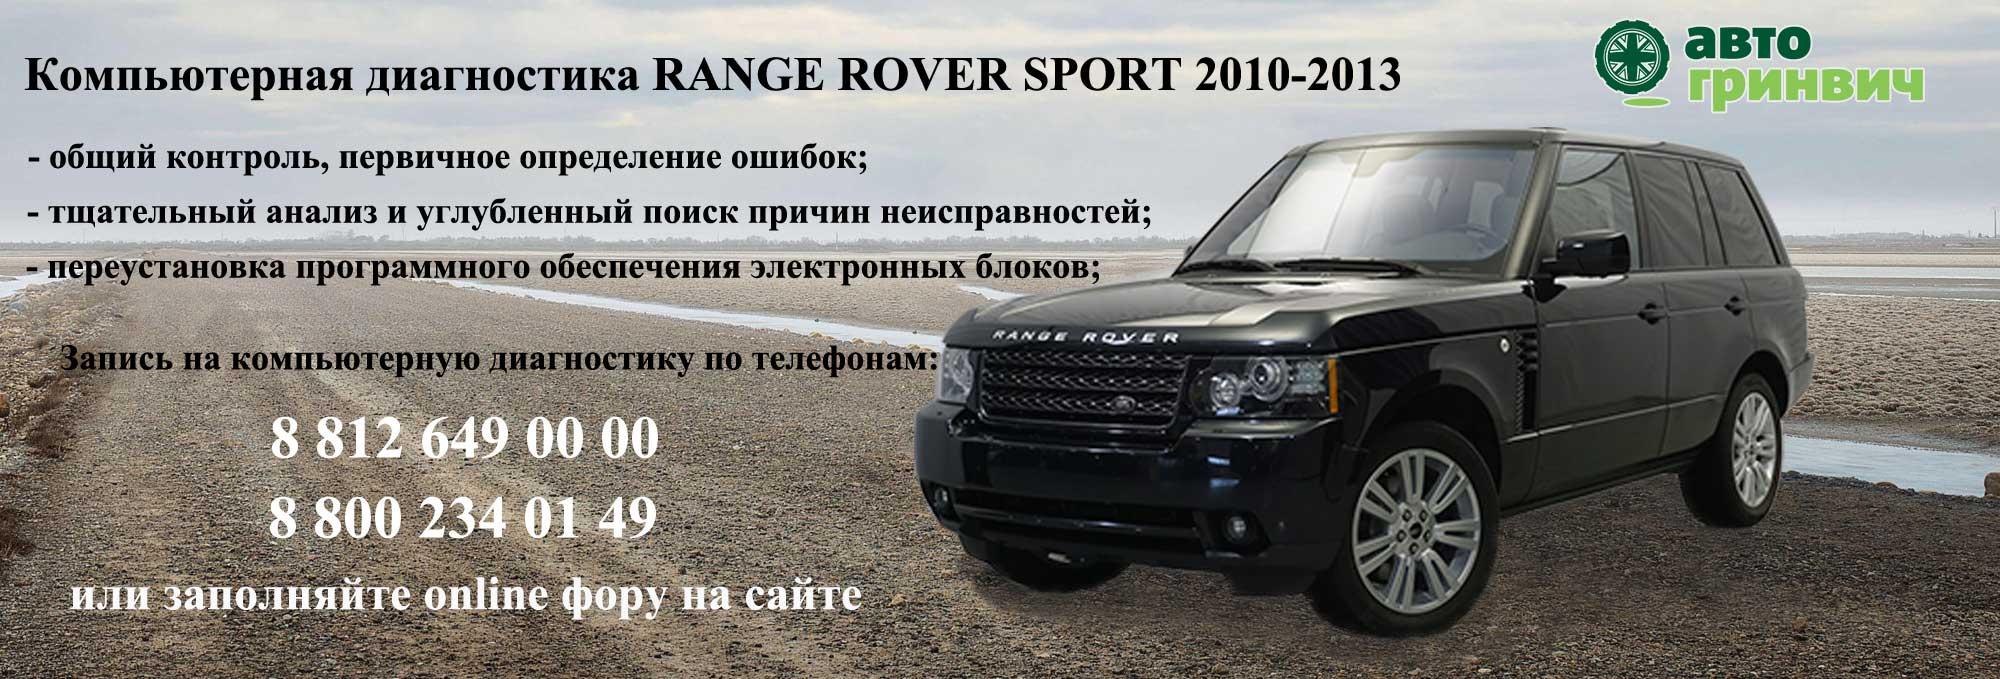 Диагностика Range Rover 2010-2013